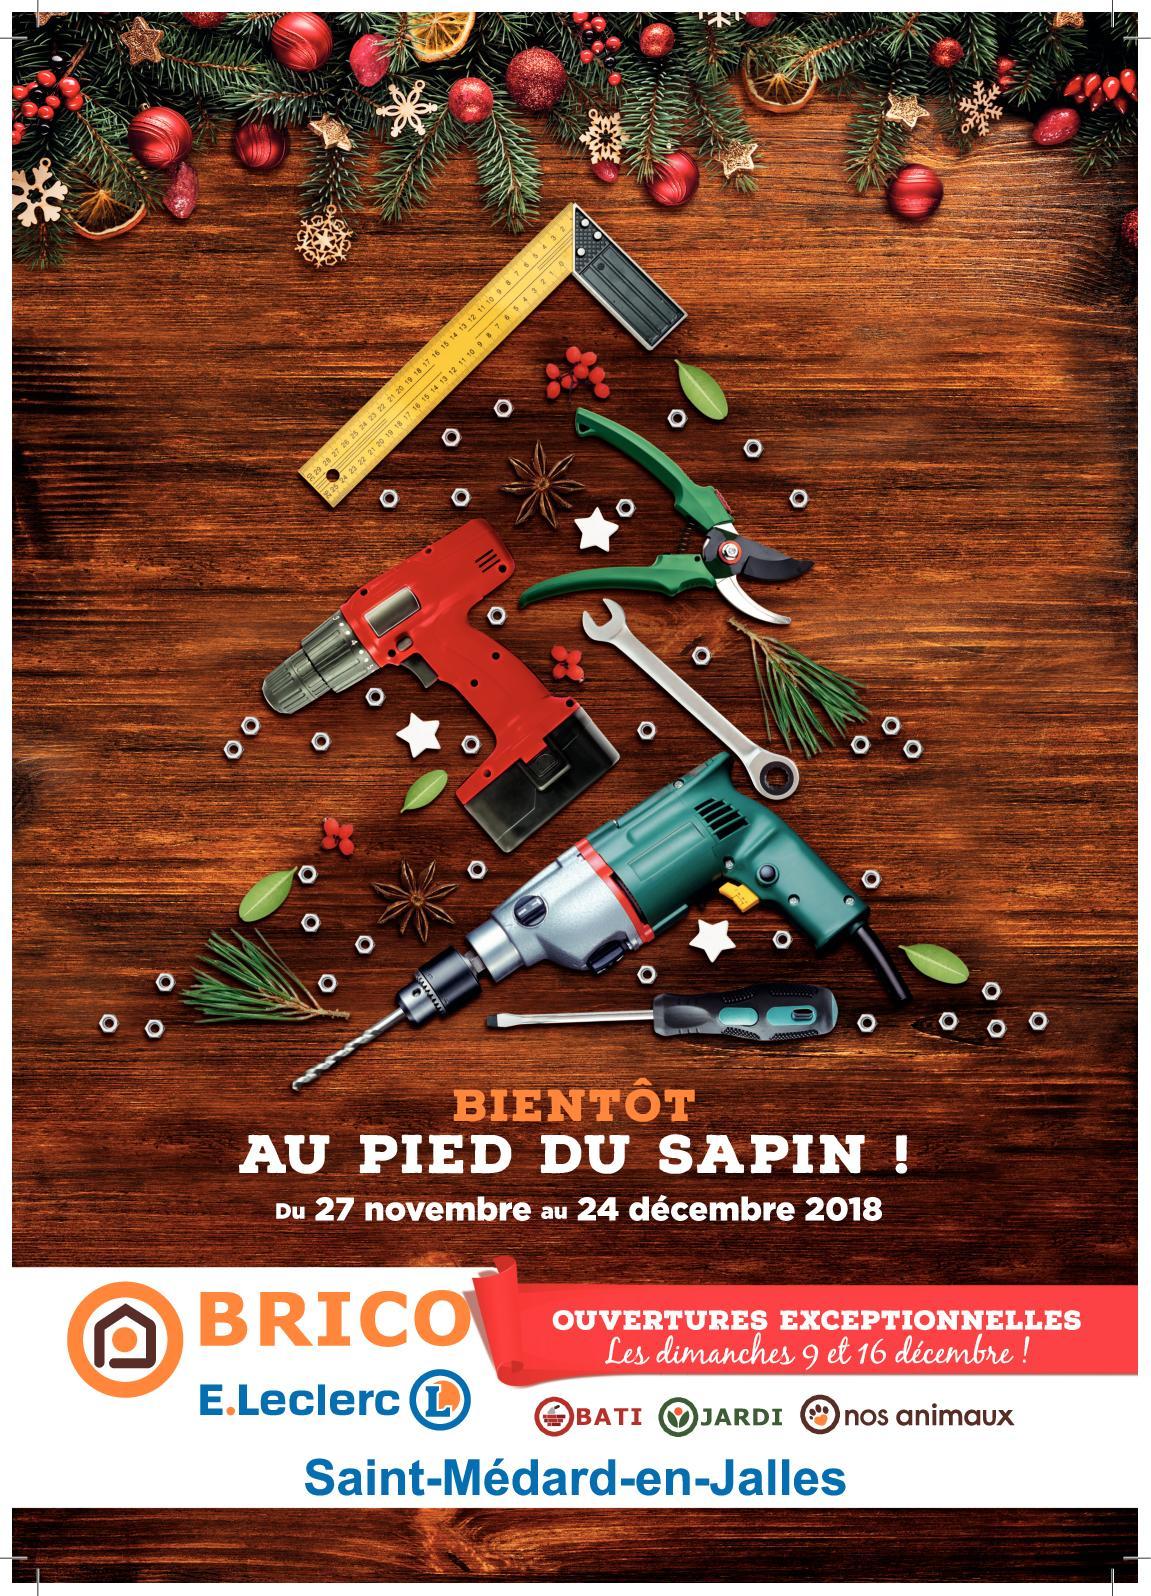 Calaméo Catalogue Cadeaux 2018 Brico Eleclerc Saint Médard